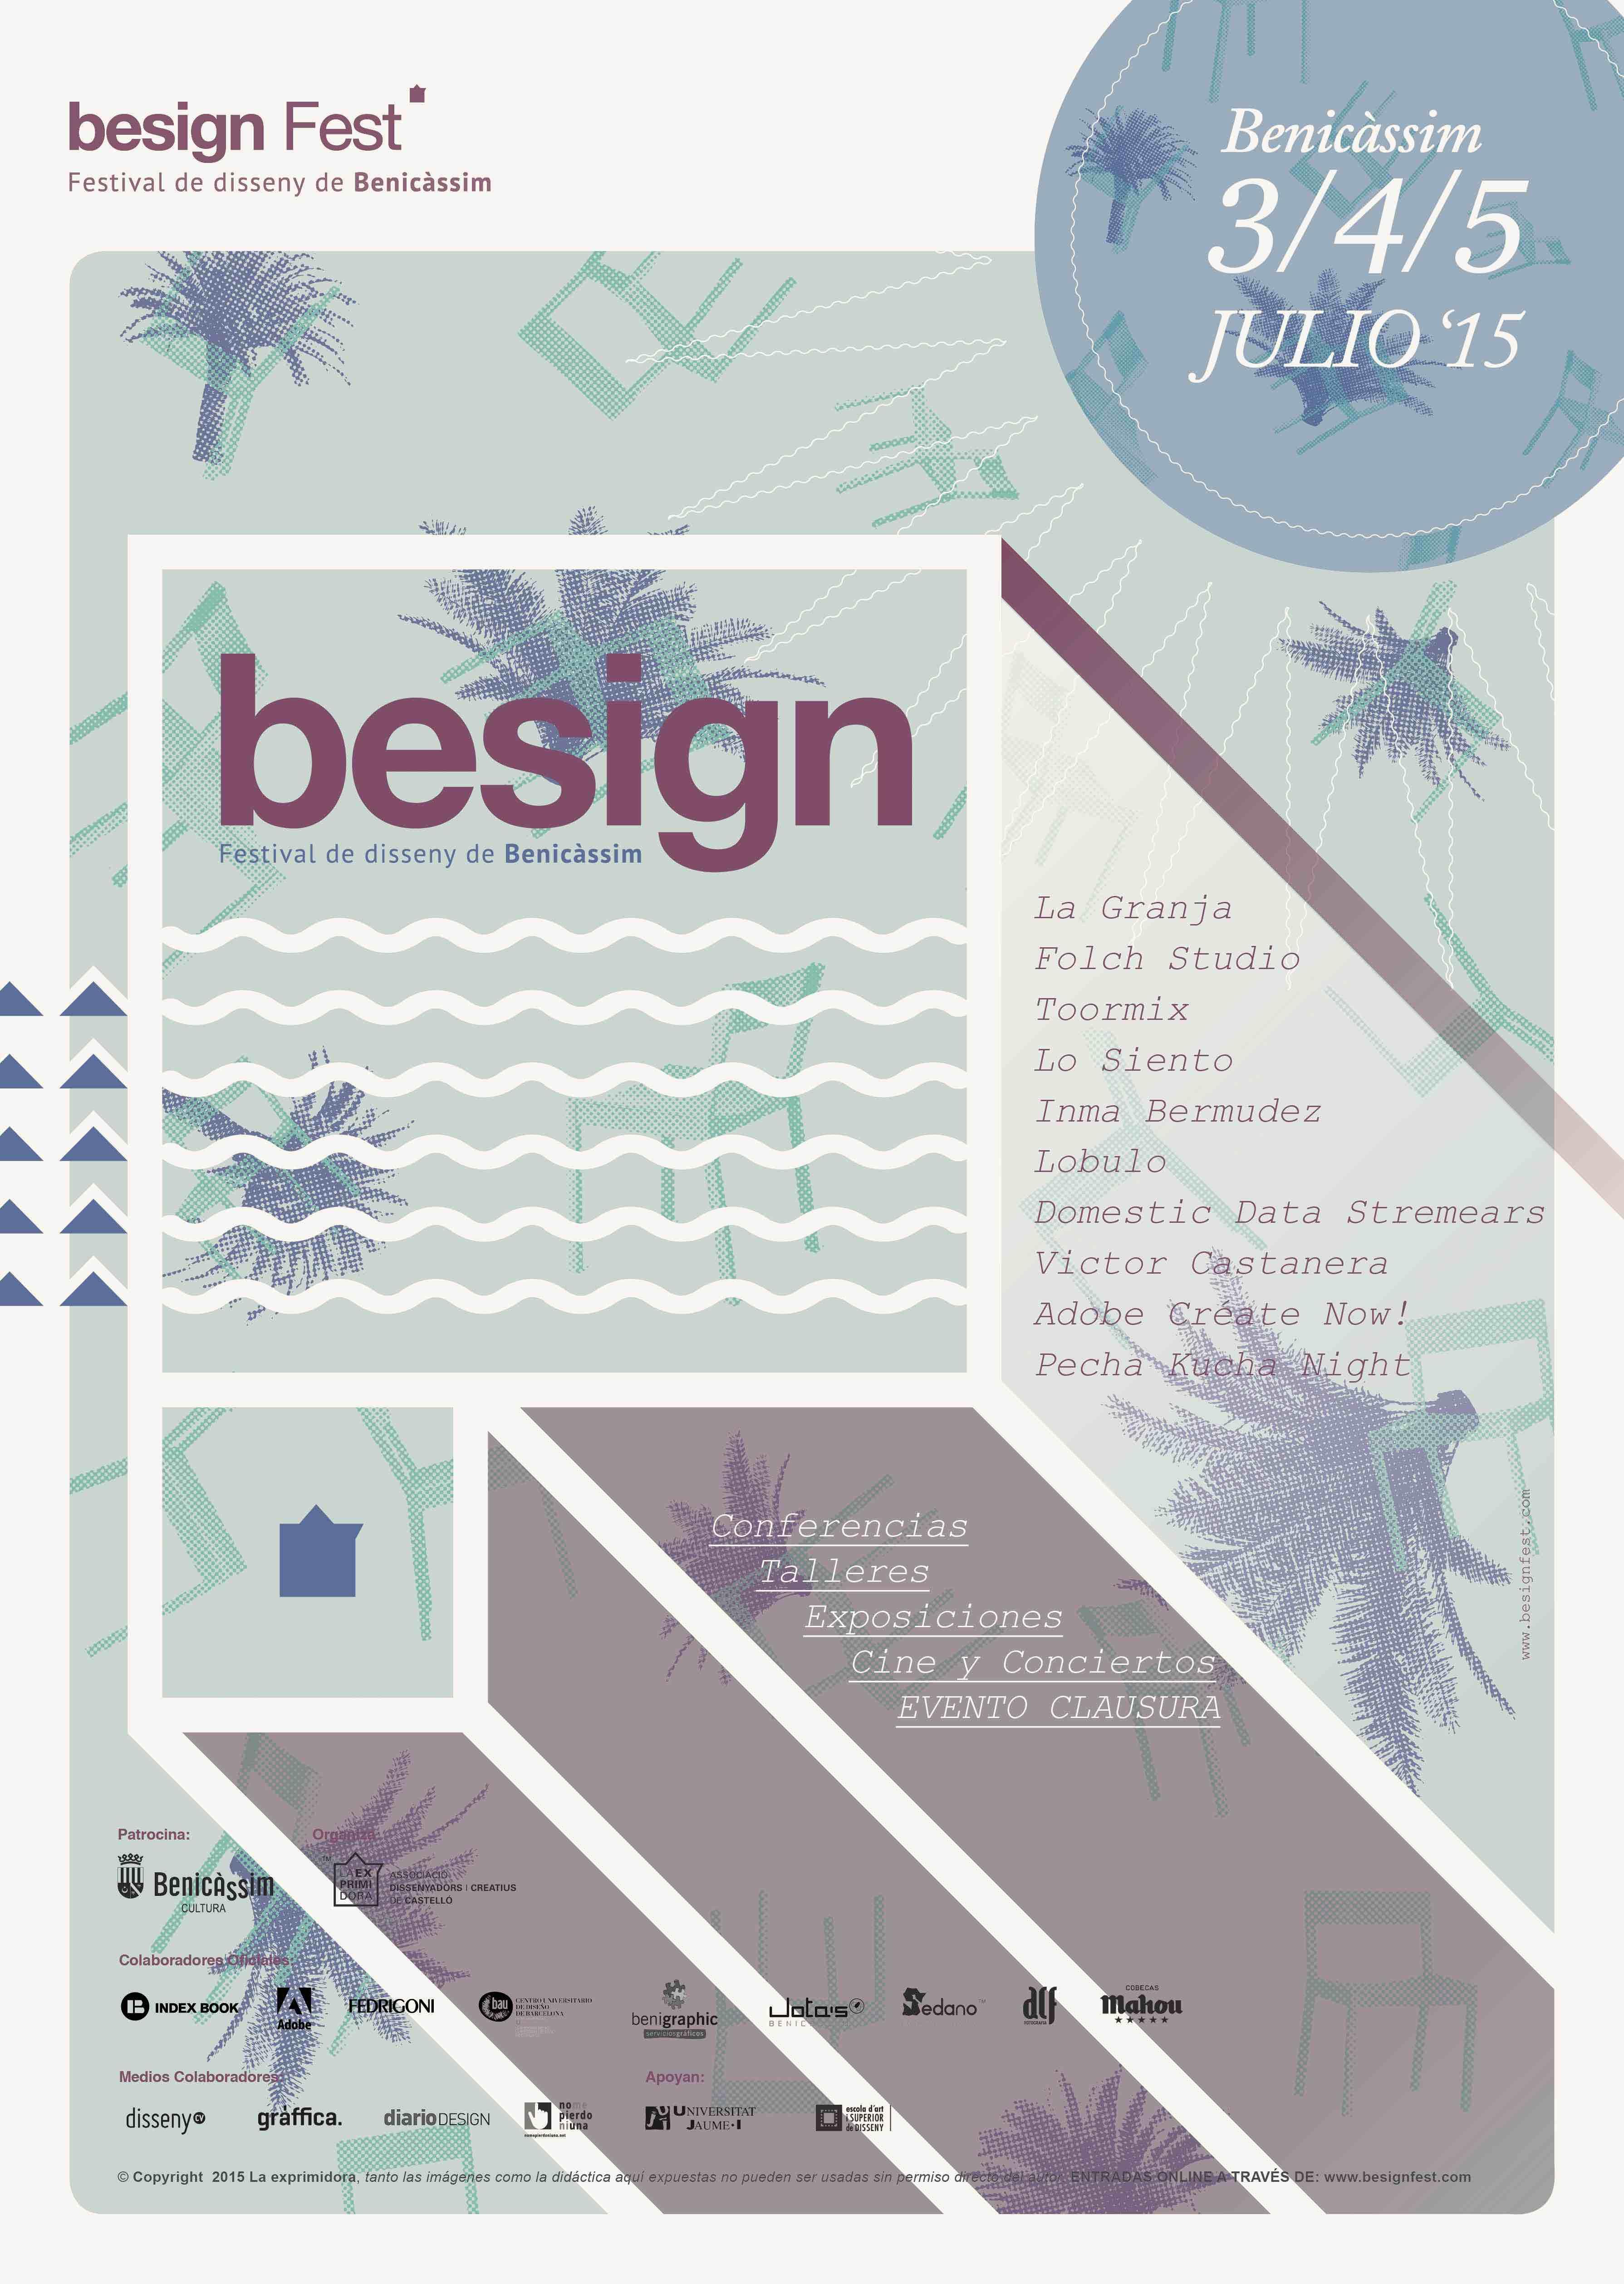 besign-fest-2015-2